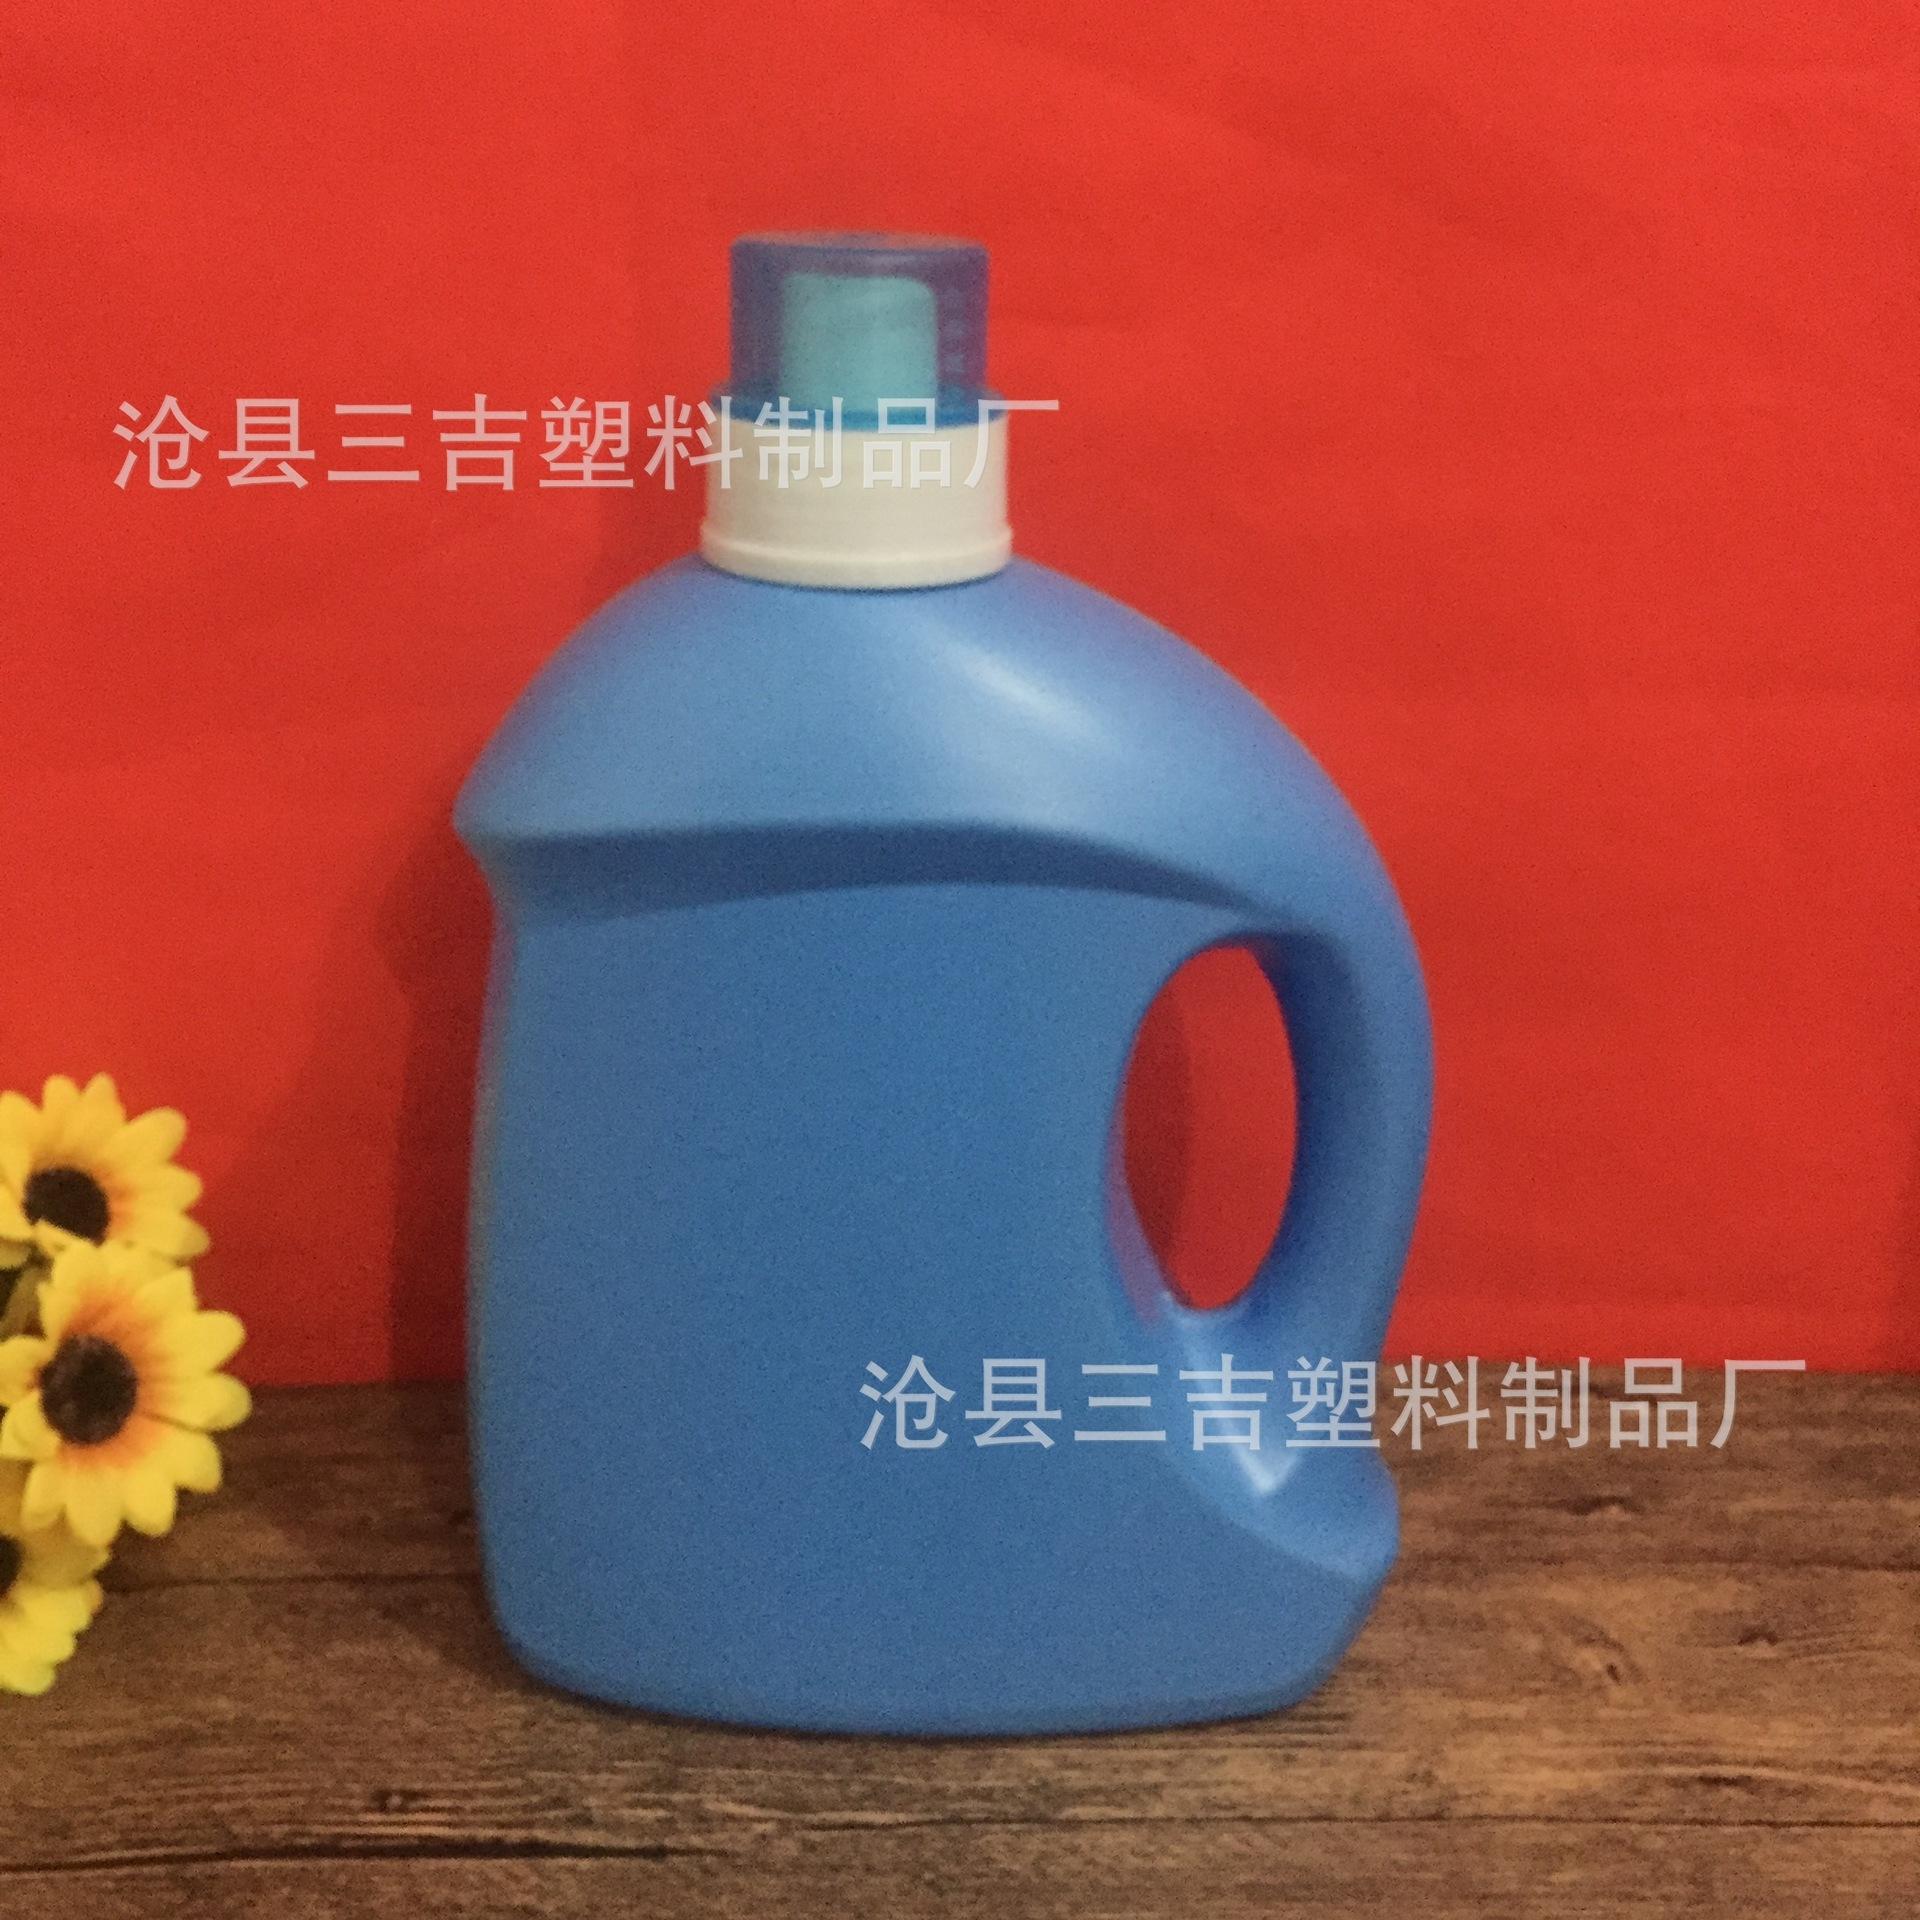 洗衣液瓶子 2l洗衣液瓶 厂家直销 3l-塑料瓶,壶